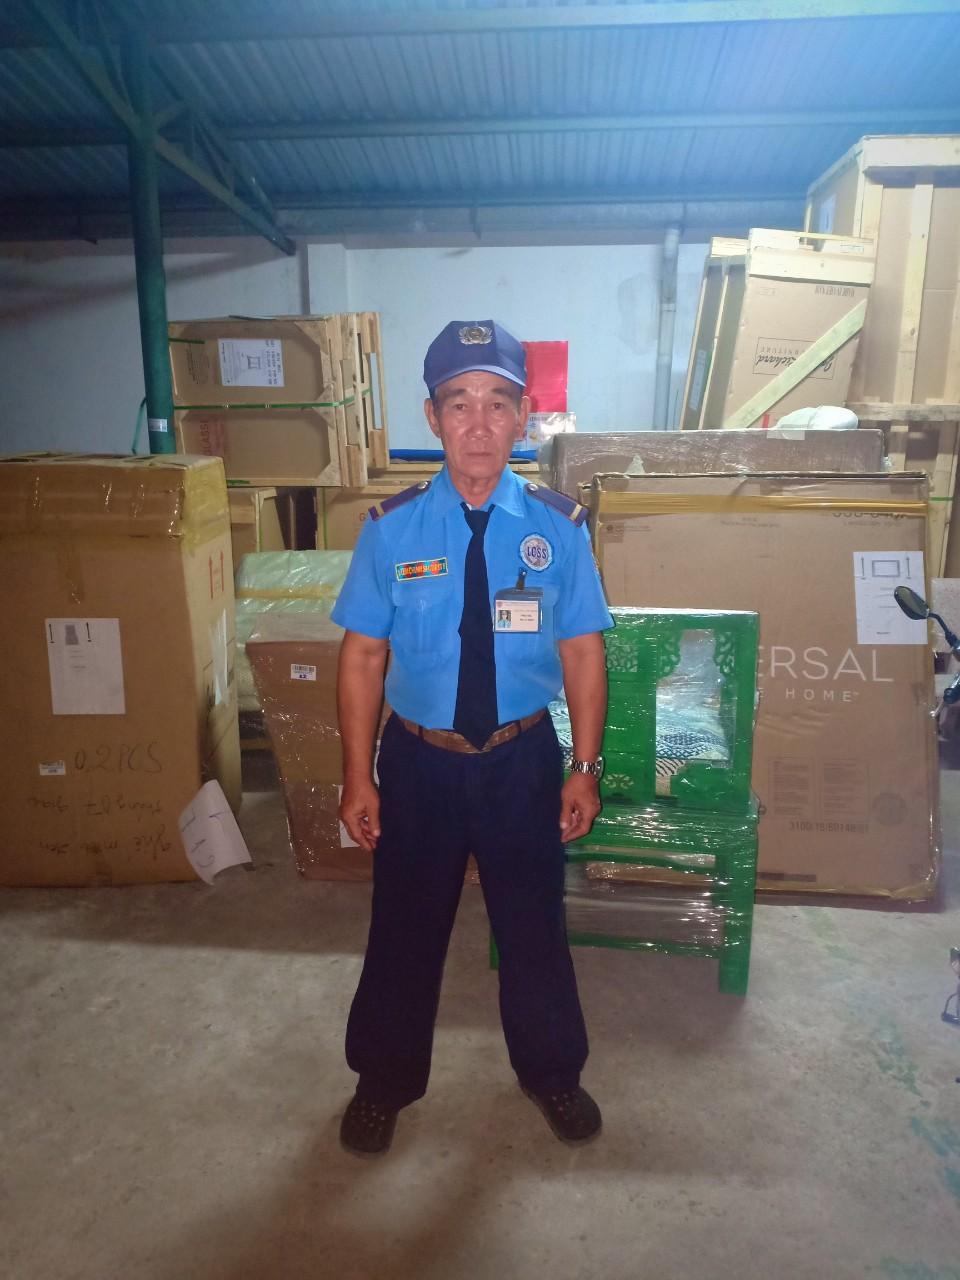 Công ty tnhh dịch vụ bảo vệ an toan i.s.p